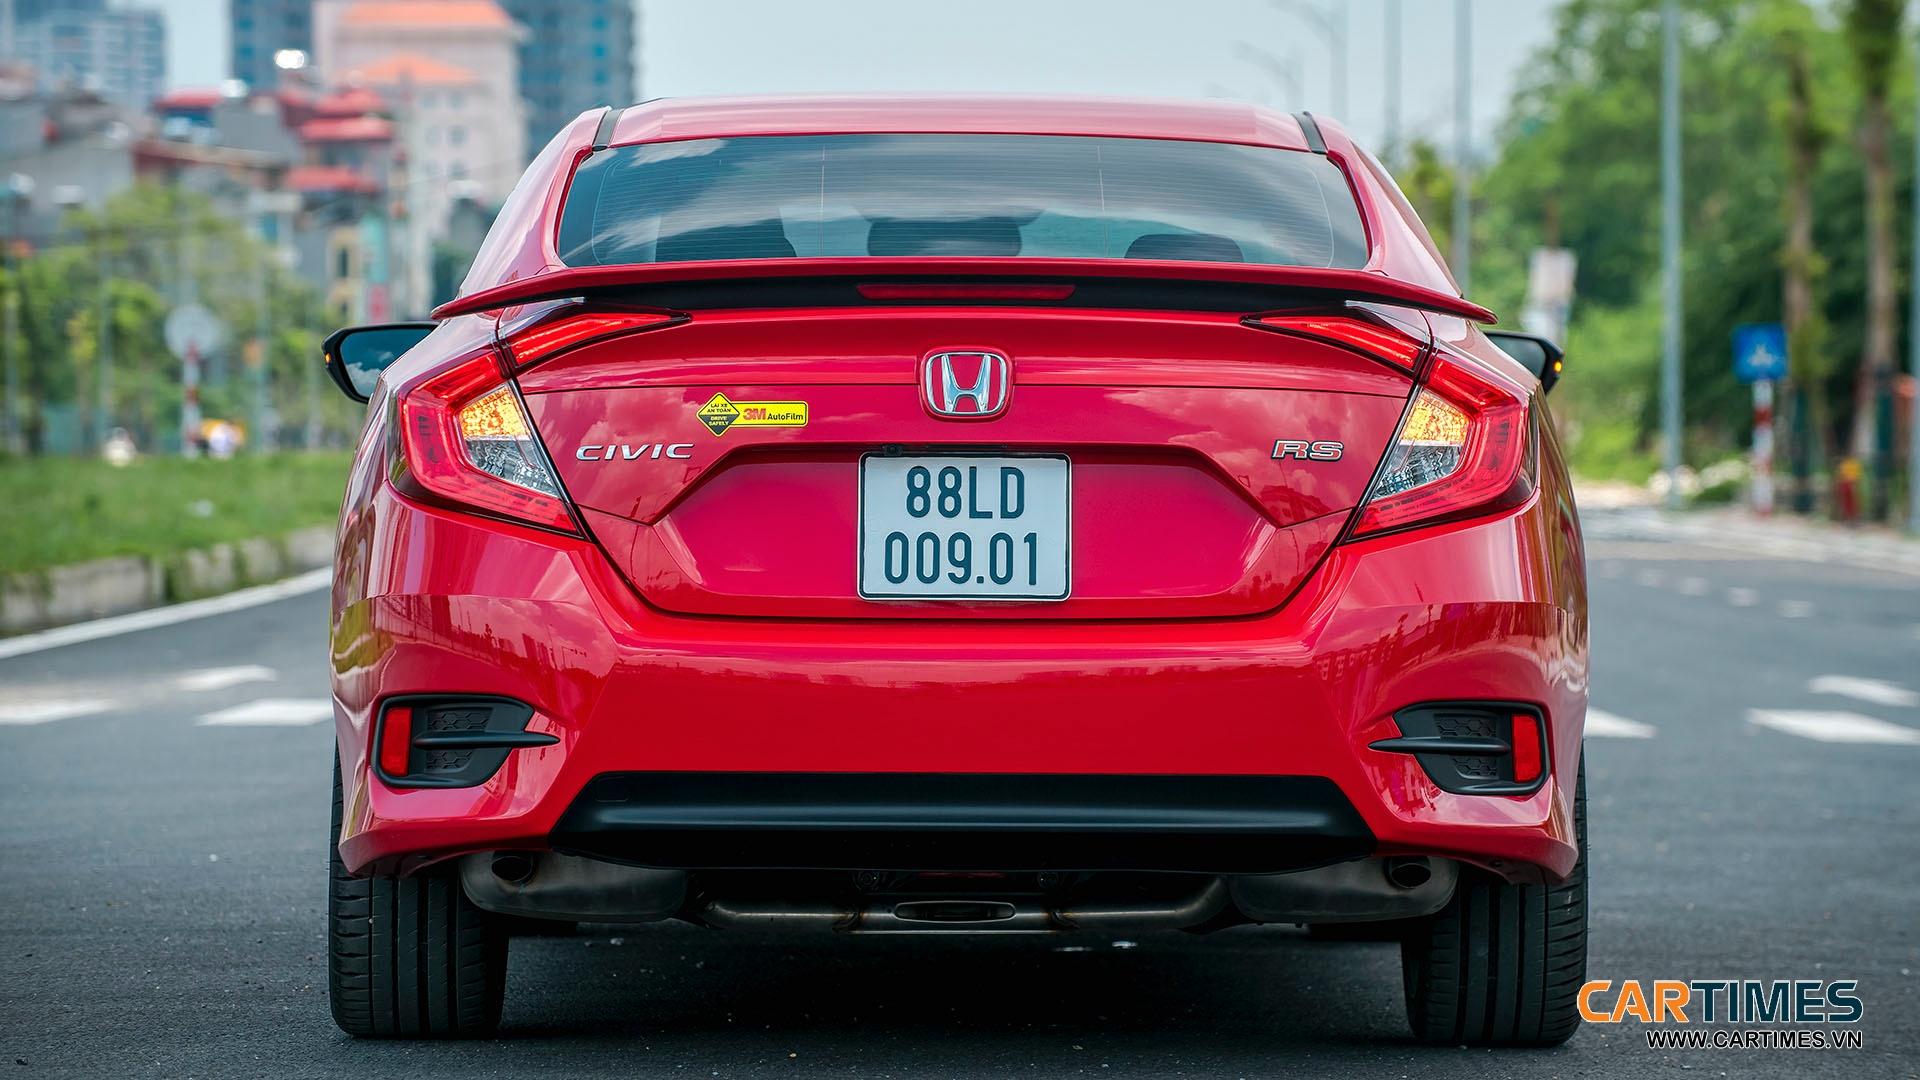 Thiết kế đuôi xe Honda Civic RS 2019